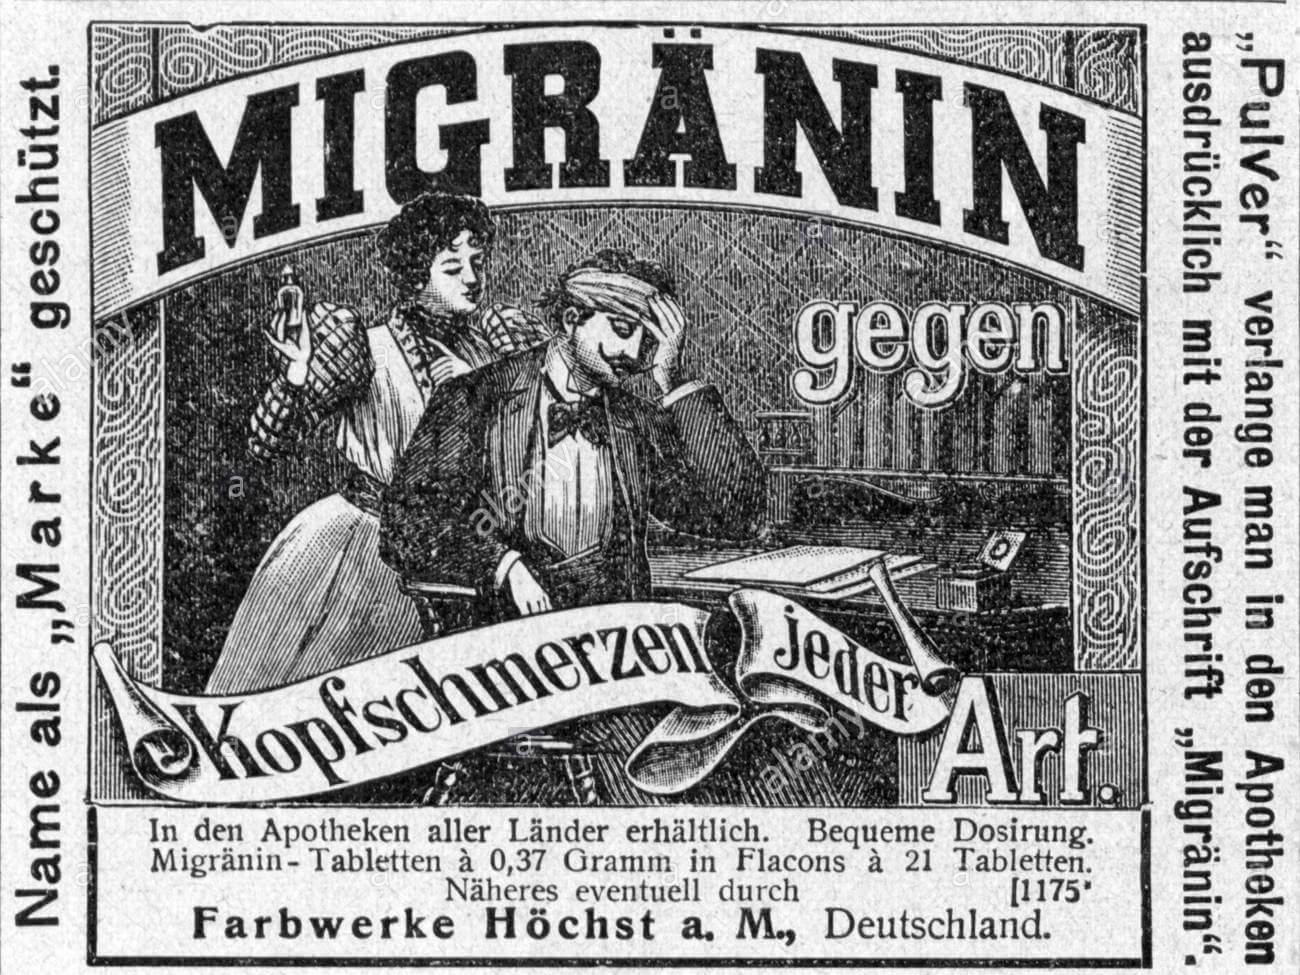 Ancien médicament contre la migraine, à base de cannabis